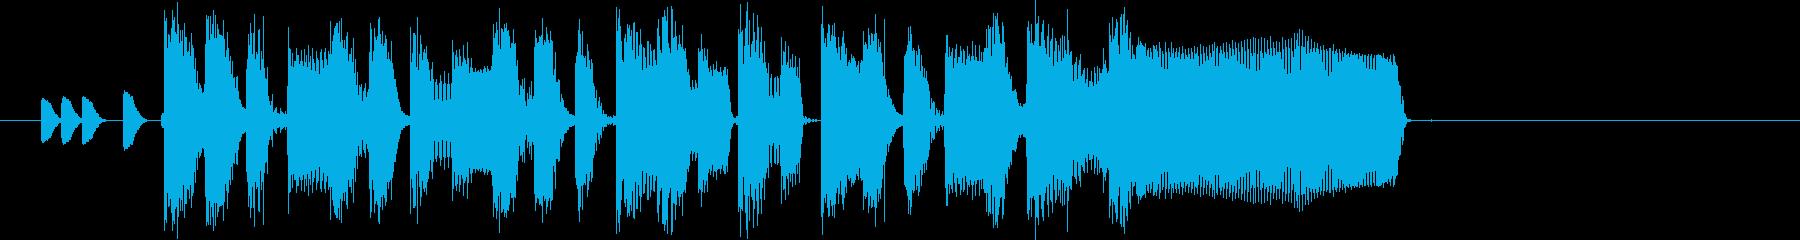 駆け足のかわいいピコピコジングルの再生済みの波形